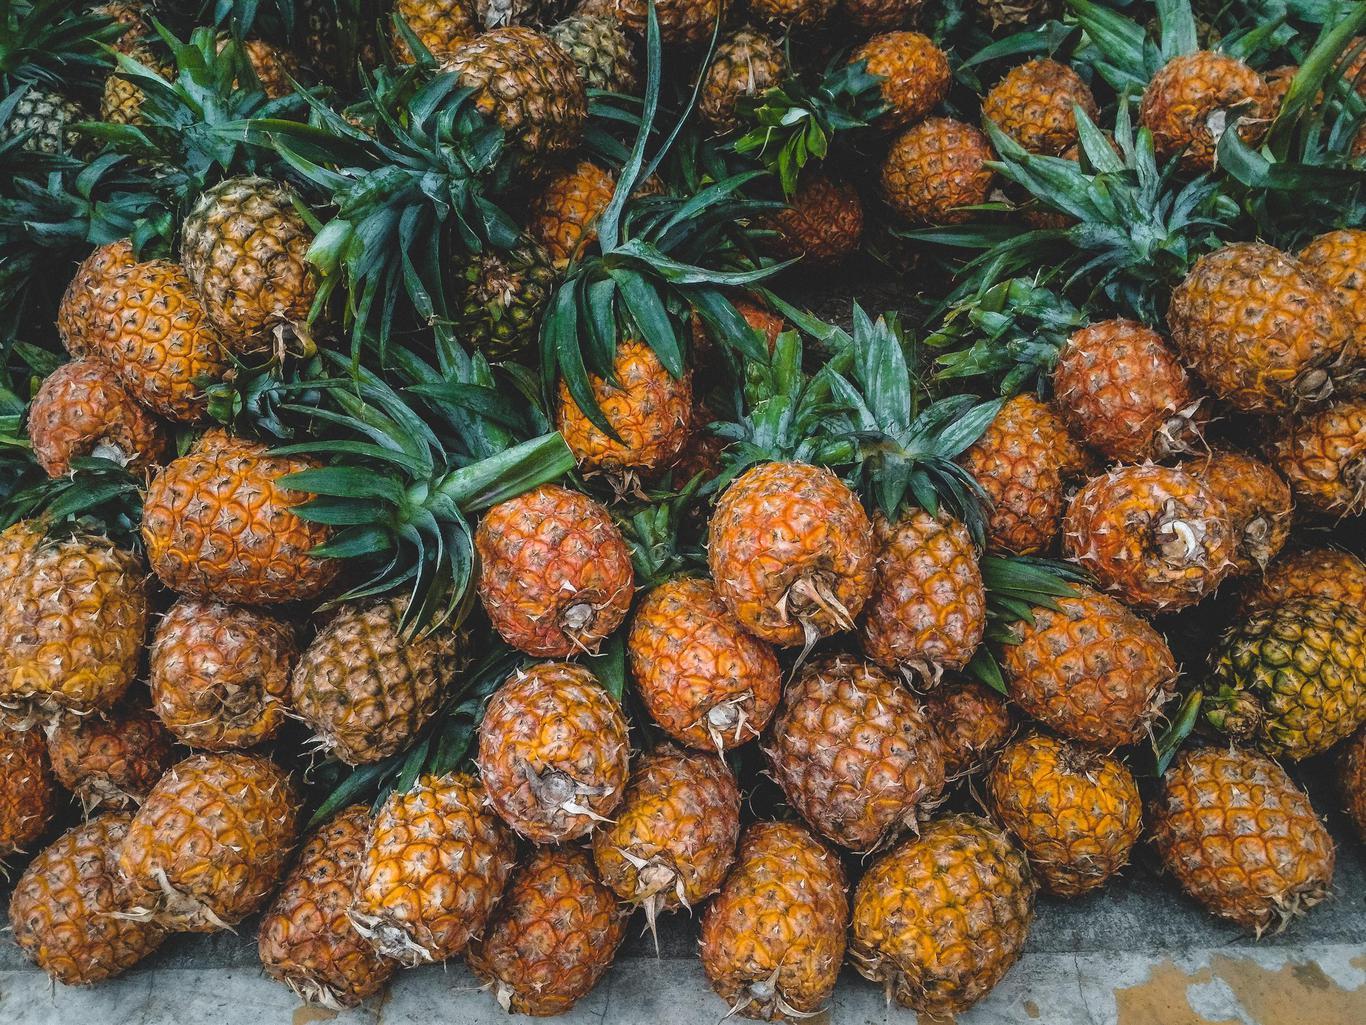 近期「鳳梨過剩」掀起一波風潮,吃鳳梨究竟有什麼營養價值?